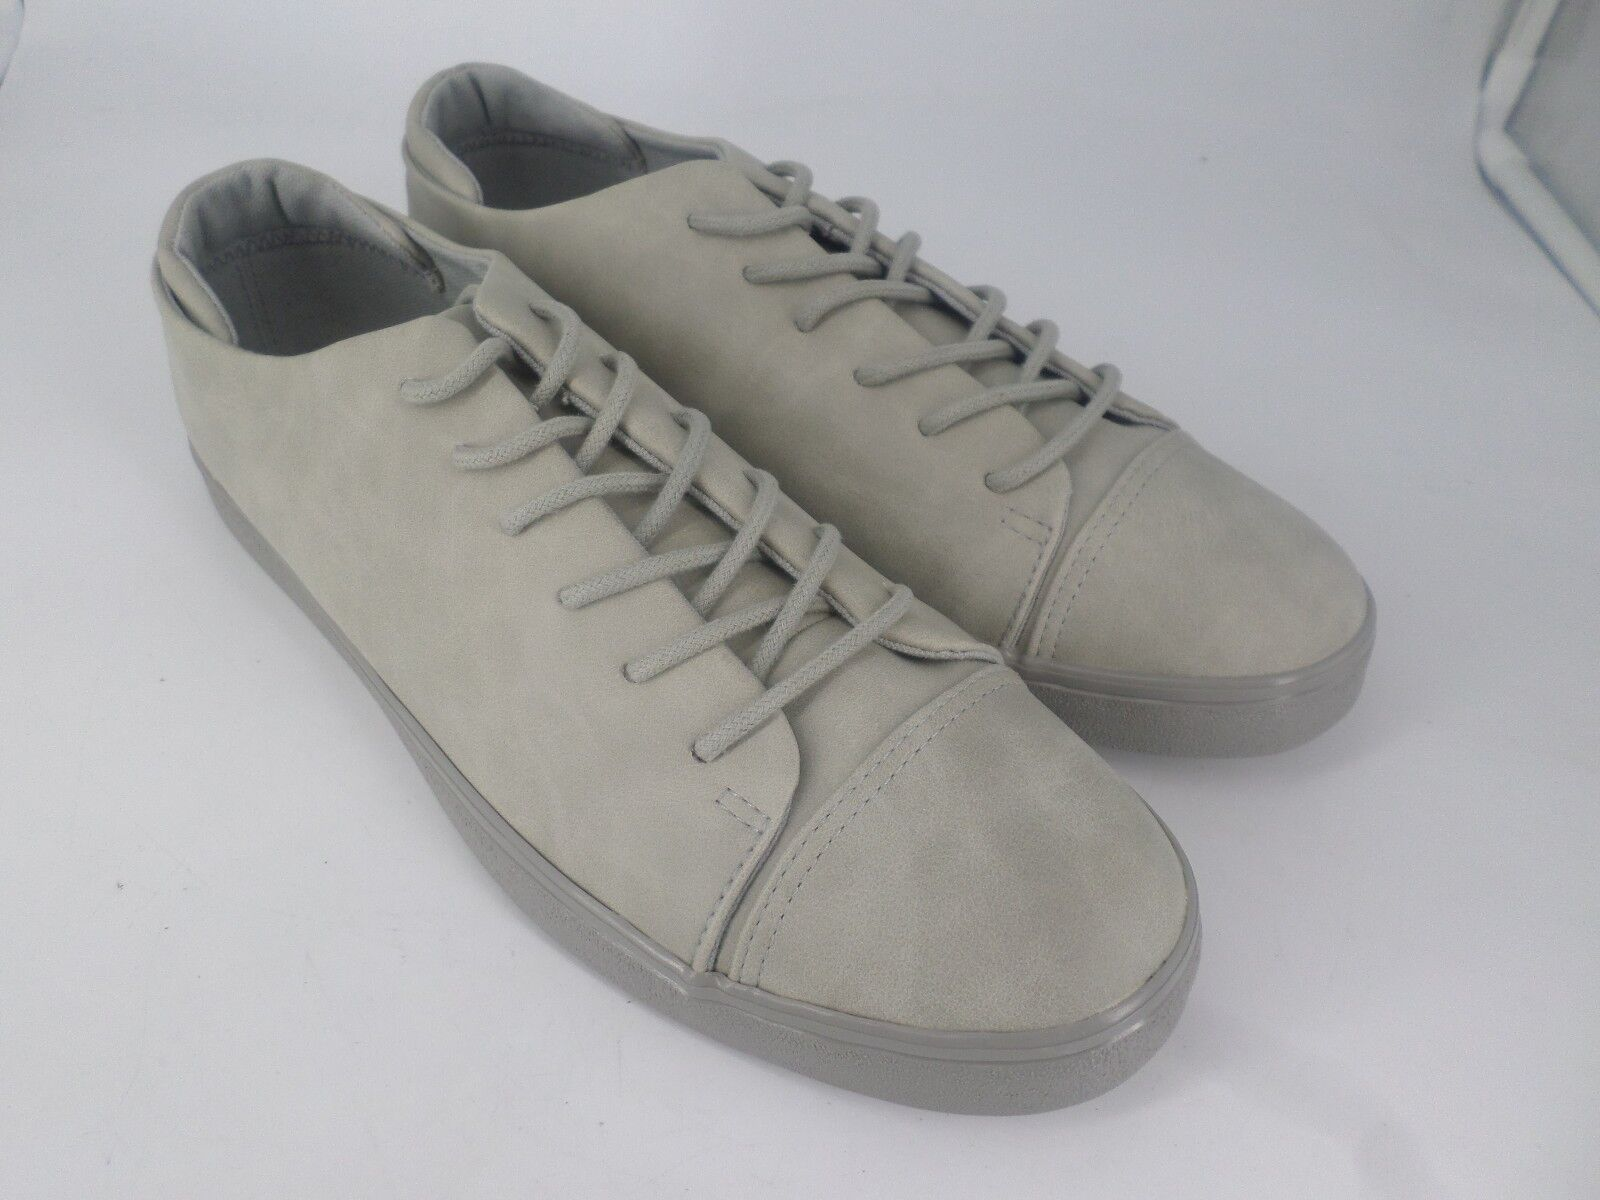 ASOS Mens Trainers In Grey UK 9 EU 43 LN079 GG 11 SALEs